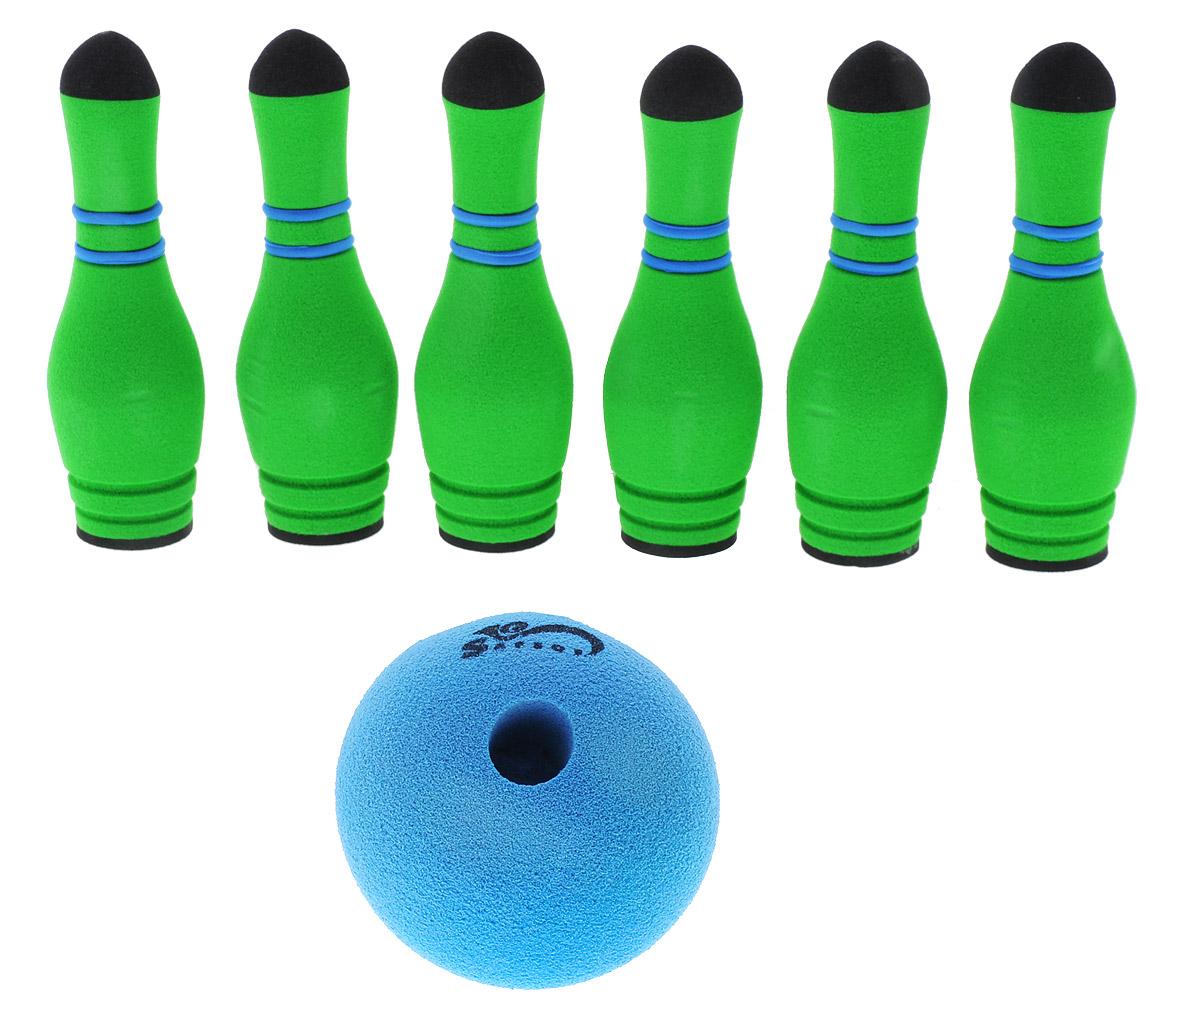 Safsof Игровой набор Мини-боулинг цвет синий зеленыйMBB-05(B)_синий,зеленыйИгровой набор Safsof Мини-боулинг, изготовленный из вспененной резины и полимера, состоит из шести кеглей и шара. Набор выполнен из мягкого материала, что обеспечивает безопасность ребенку. Суть игры в боулинг - сбить шаром максимальное количество кеглей. Число игроков и количество туров - произвольное. Очки, набранные с каждым броском мяча, рассматриваются как количество сбитых кегель. Расстояние, с которого совершается бросок, определяется игроками. Каждый игрок имеет право на два броска в одной рамке (рамка - треугольник, на поле которого выстраиваются кегли перед каждым первым броском очередного игрока). Бросок, при котором все кегли сбиты, называется страйк и обозначается как Х. Если все кегли сбиты первым броском, второй бросок не требуется: рамка считается закрытой. Призовые очки за страйк - это сумма кеглей, сбитых игроком следующими двумя бросками. Выигрывает тот игрок, который в сумме набирает больше очков.